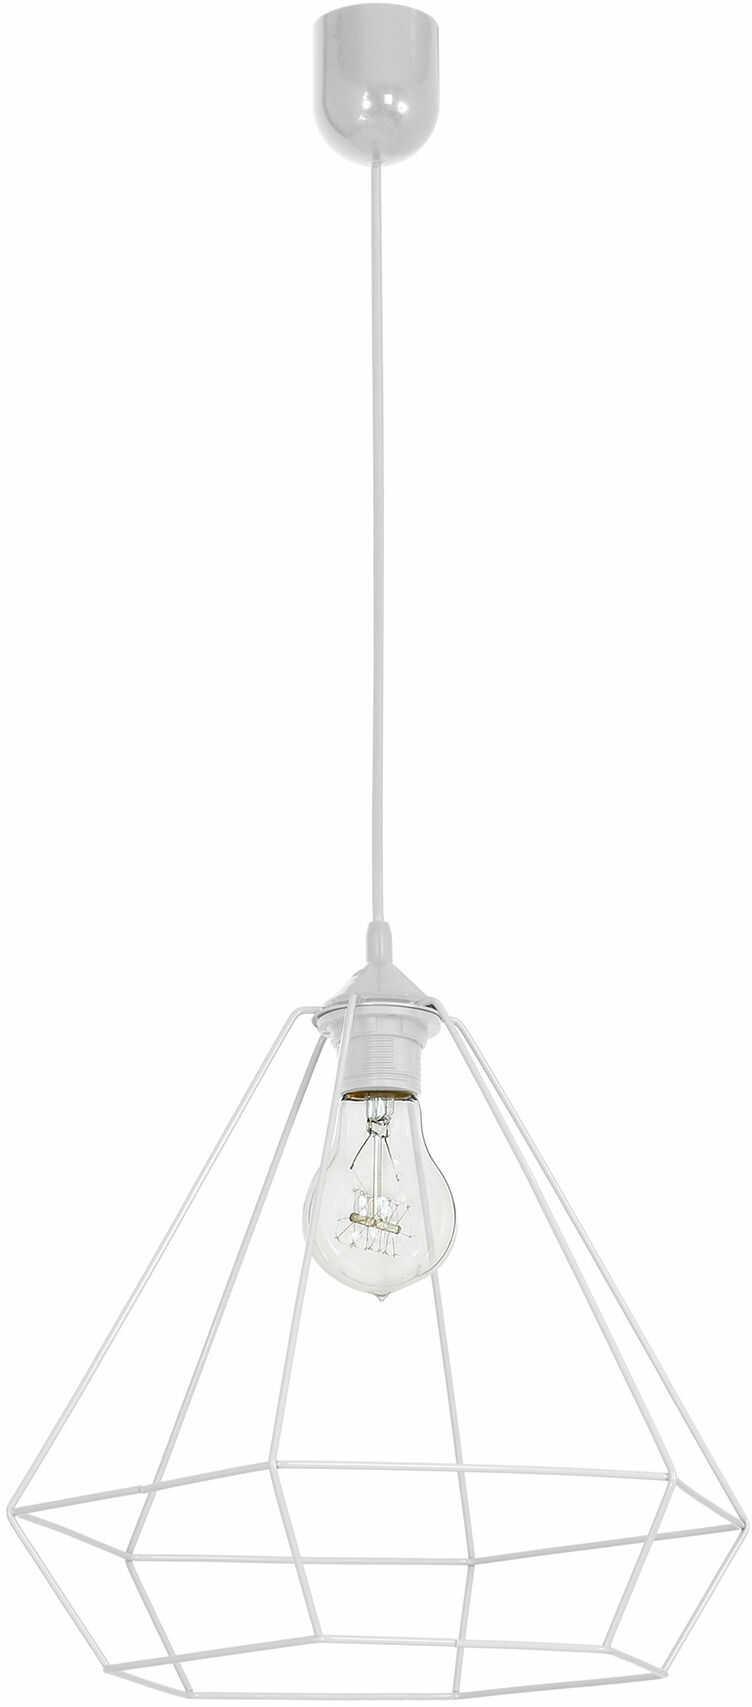 Milagro ALMA WHITE MLP8962 lampa wisząca klosz przestrzenny metalowy o geometrycznym kształcie 1xE27 35cm